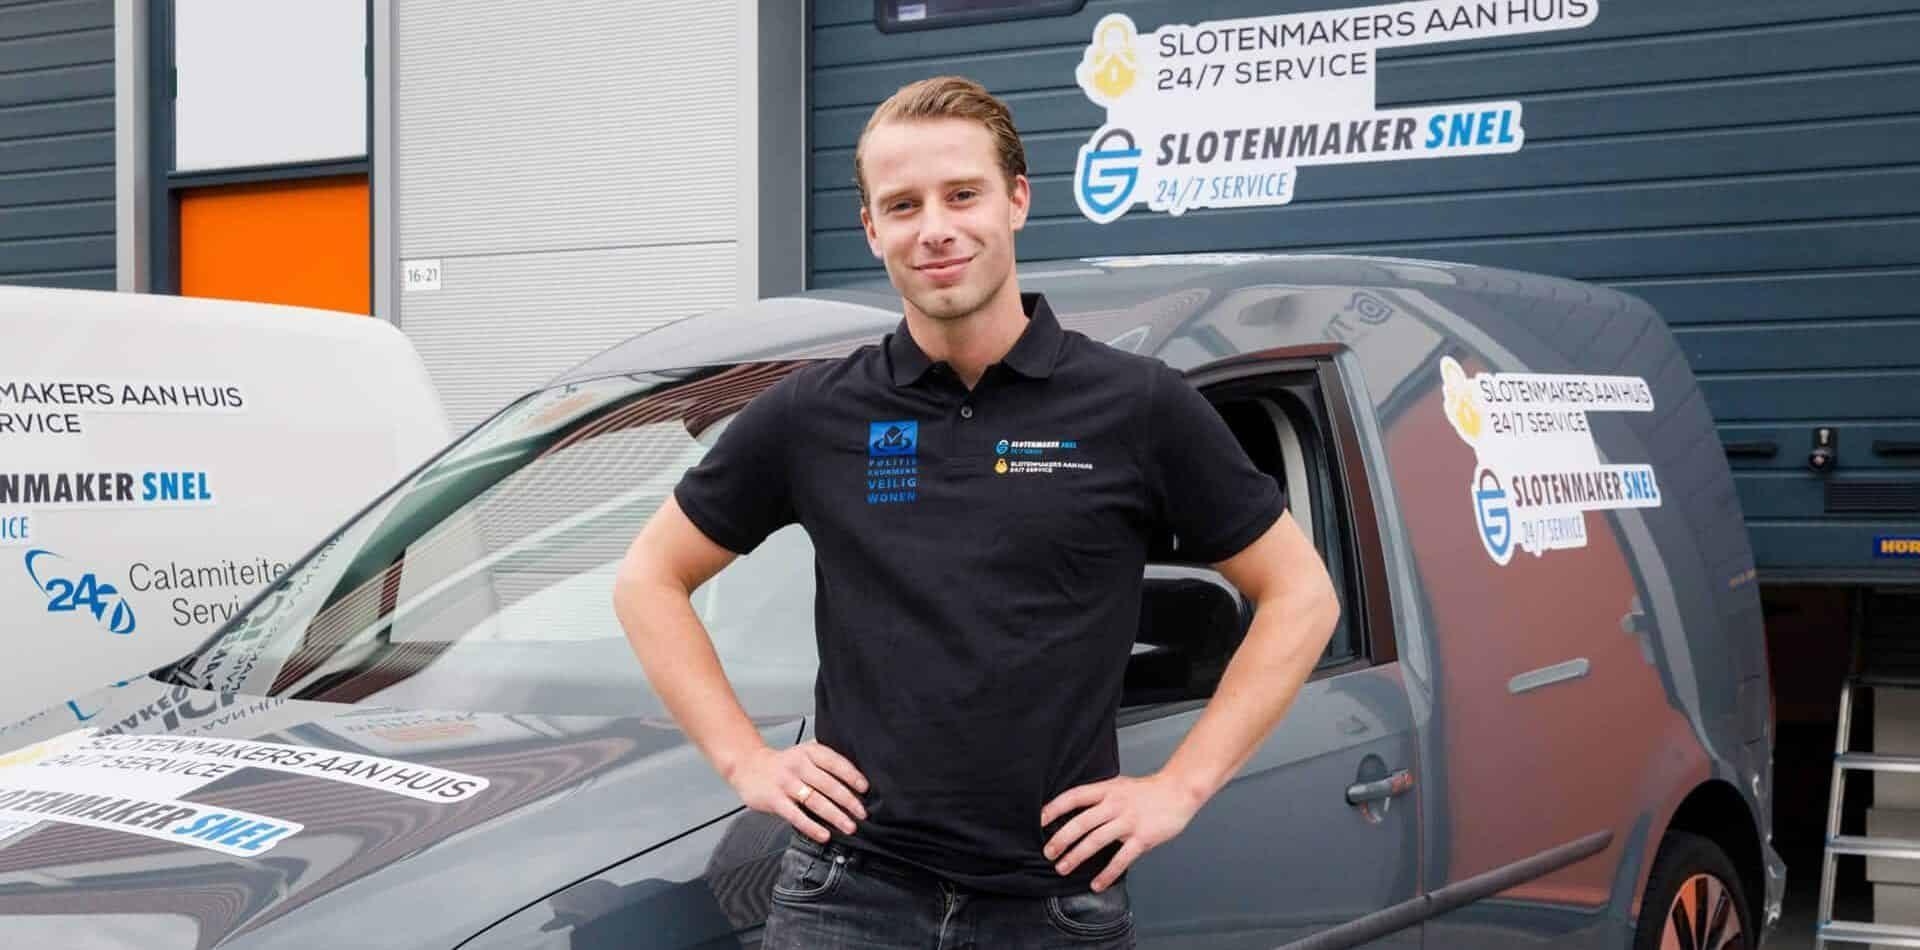 Slotenmaker Hattem(7)